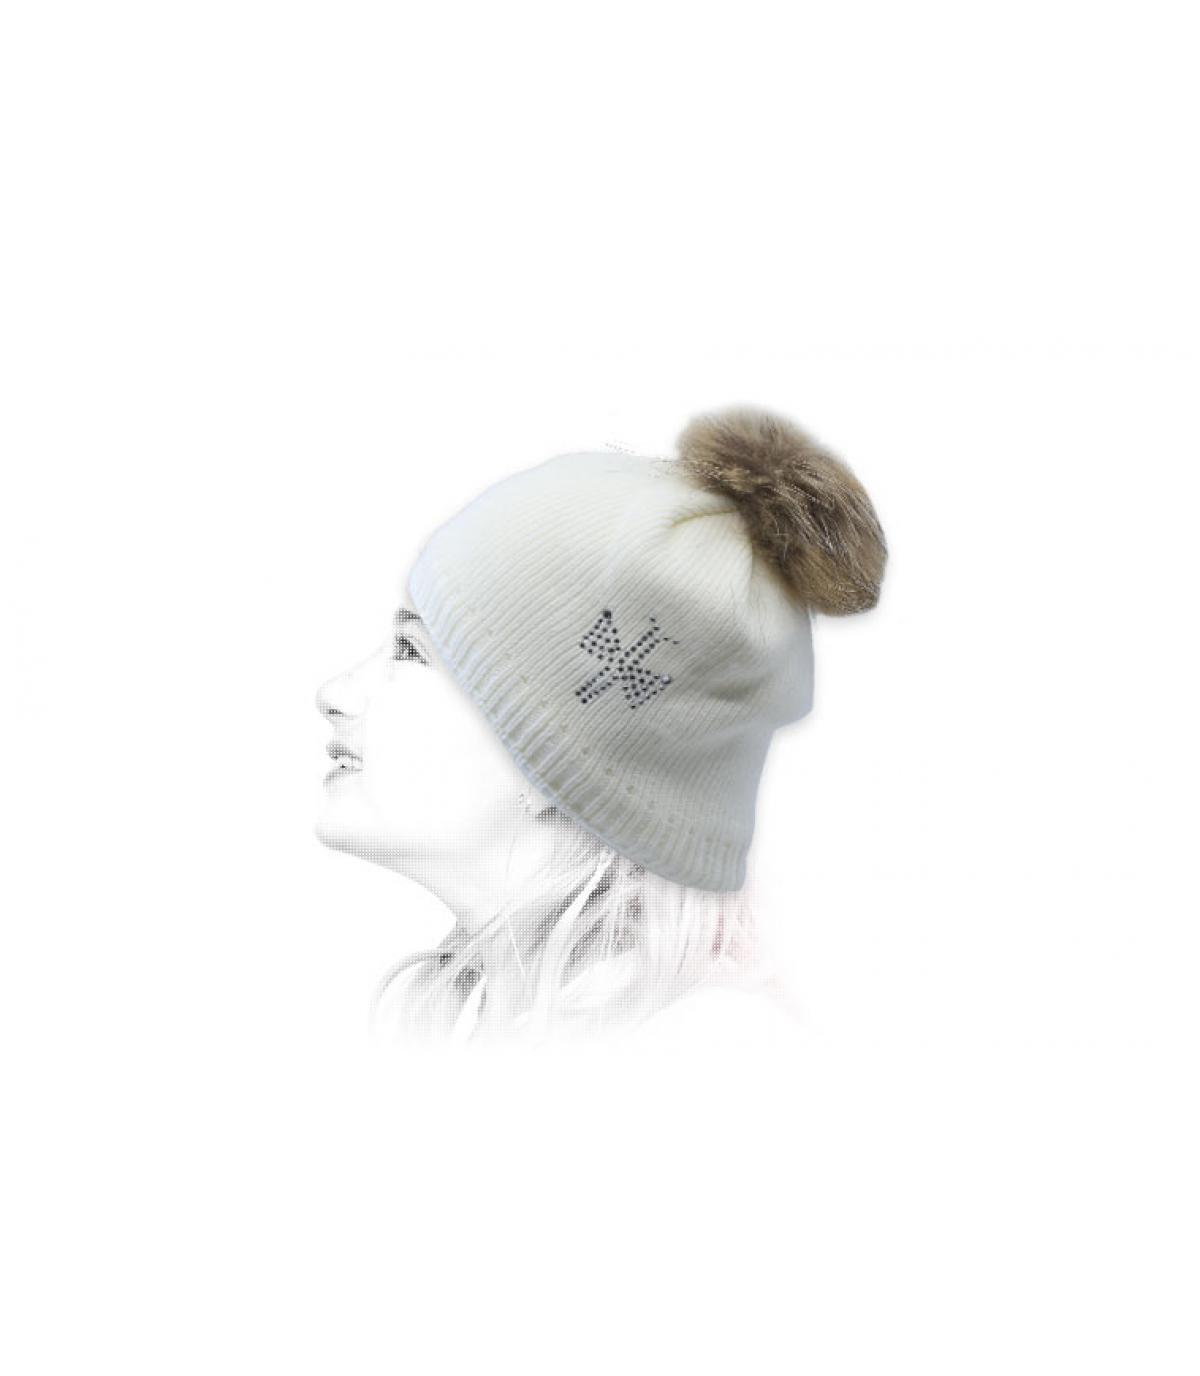 cappello da bambino con pelliccia bianca